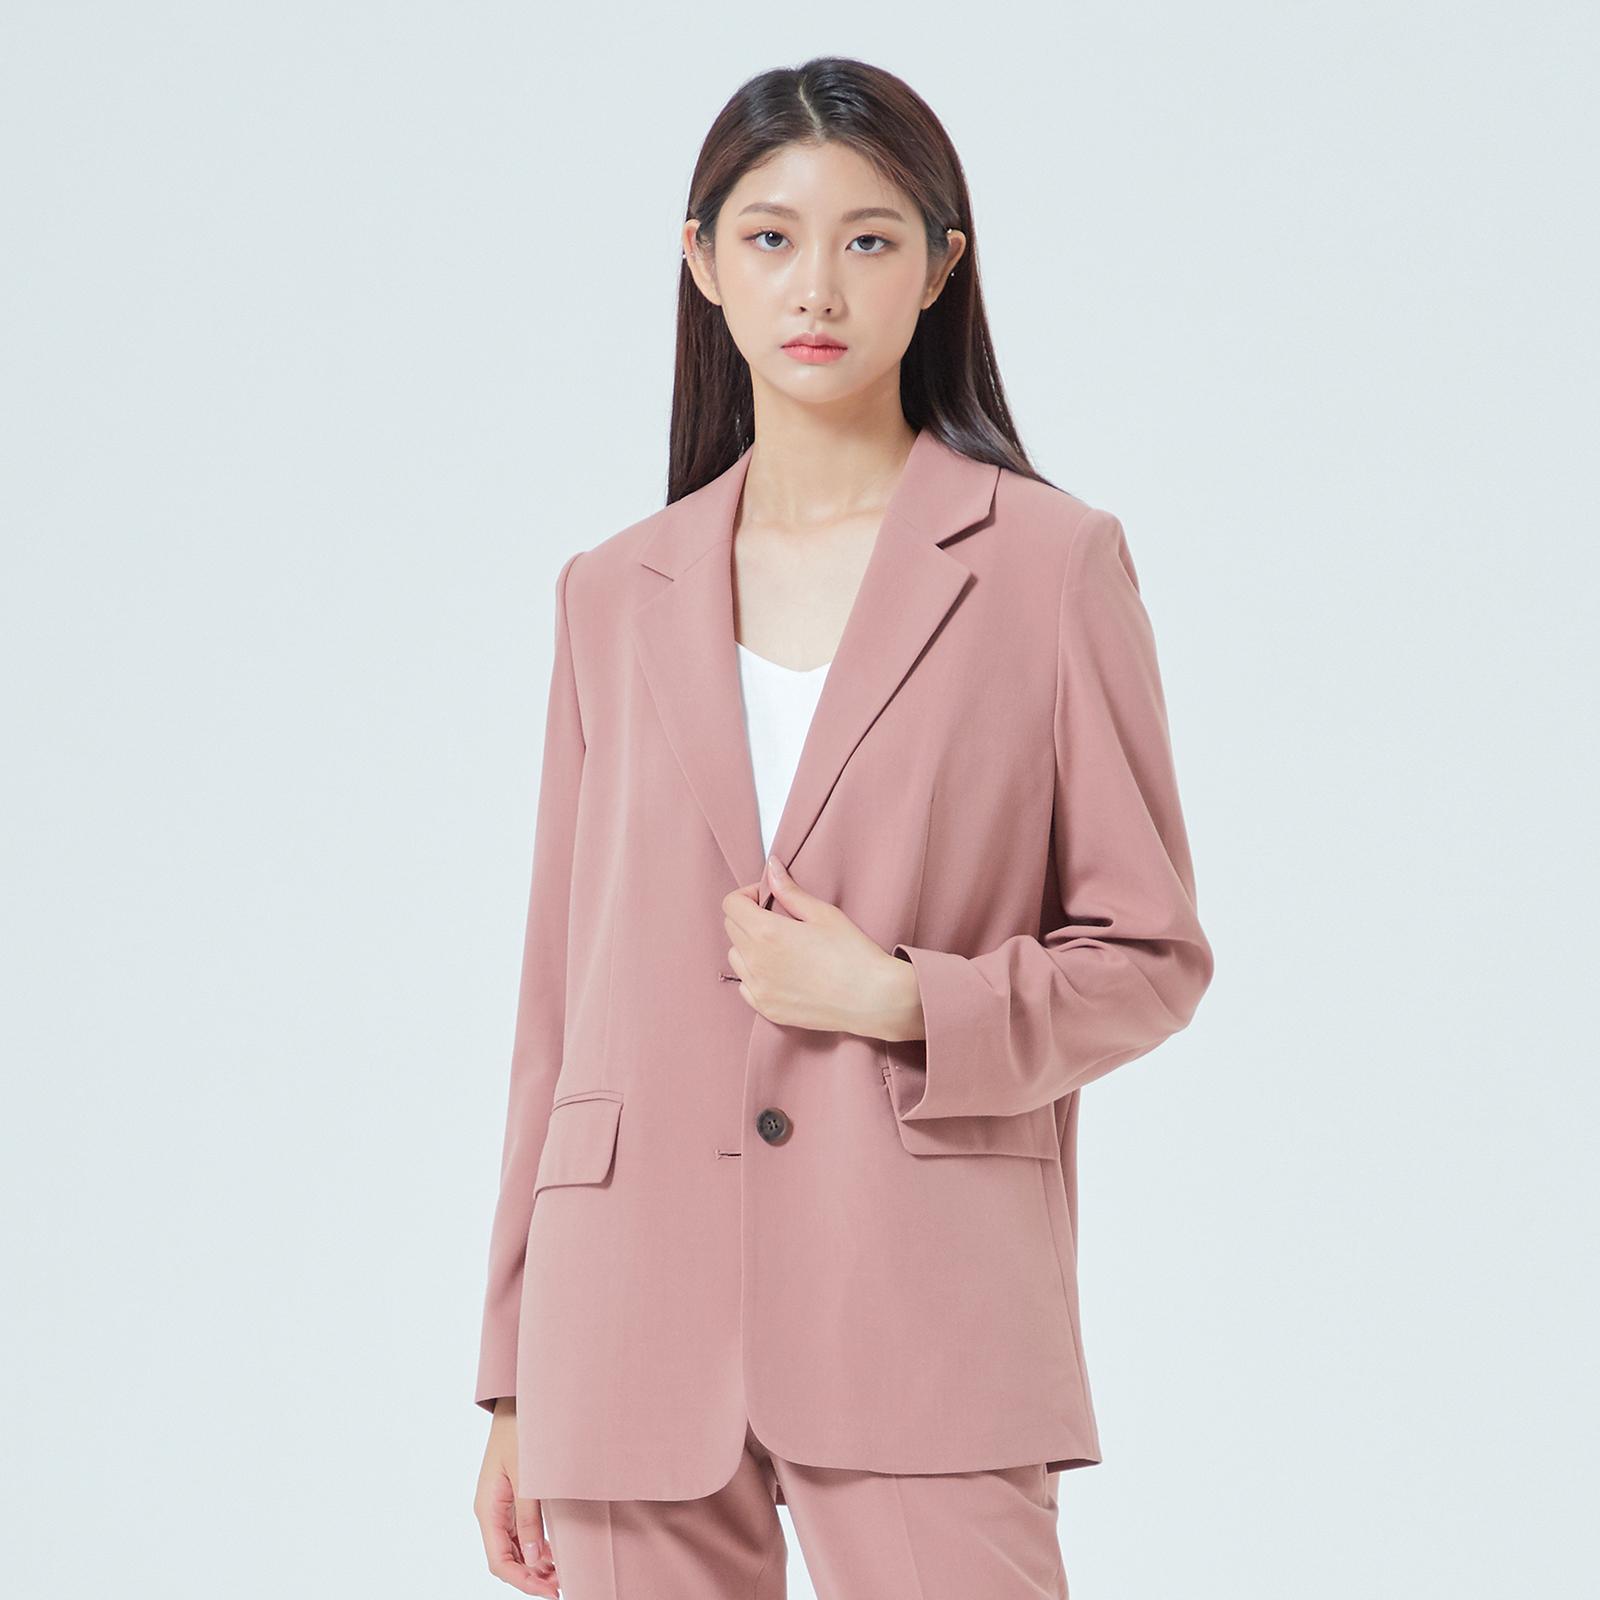 미쏘 여성용 테일러드 일자핏 싱글 자켓